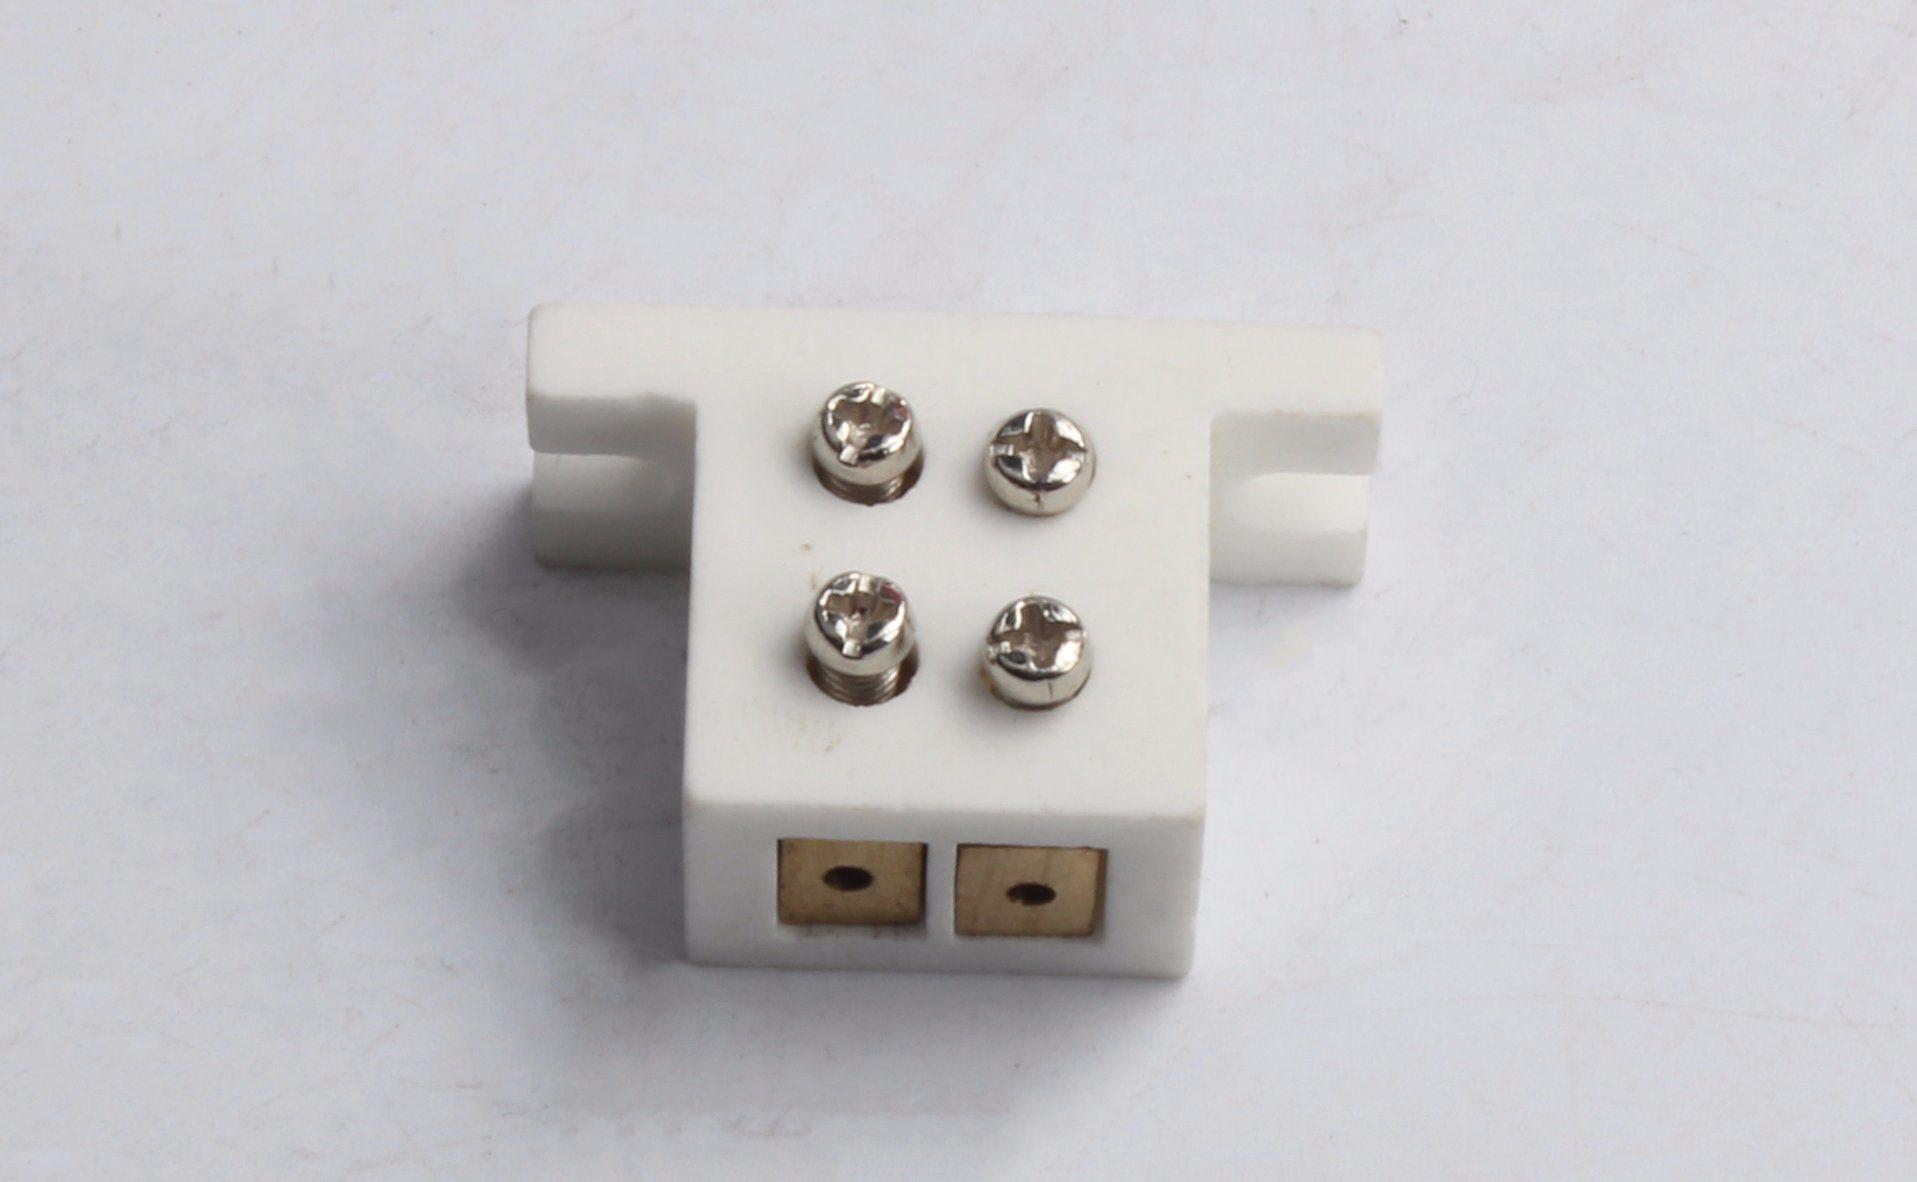 China Ceramic Screw Thread Ceramic Connector OBD1 Connector Photos